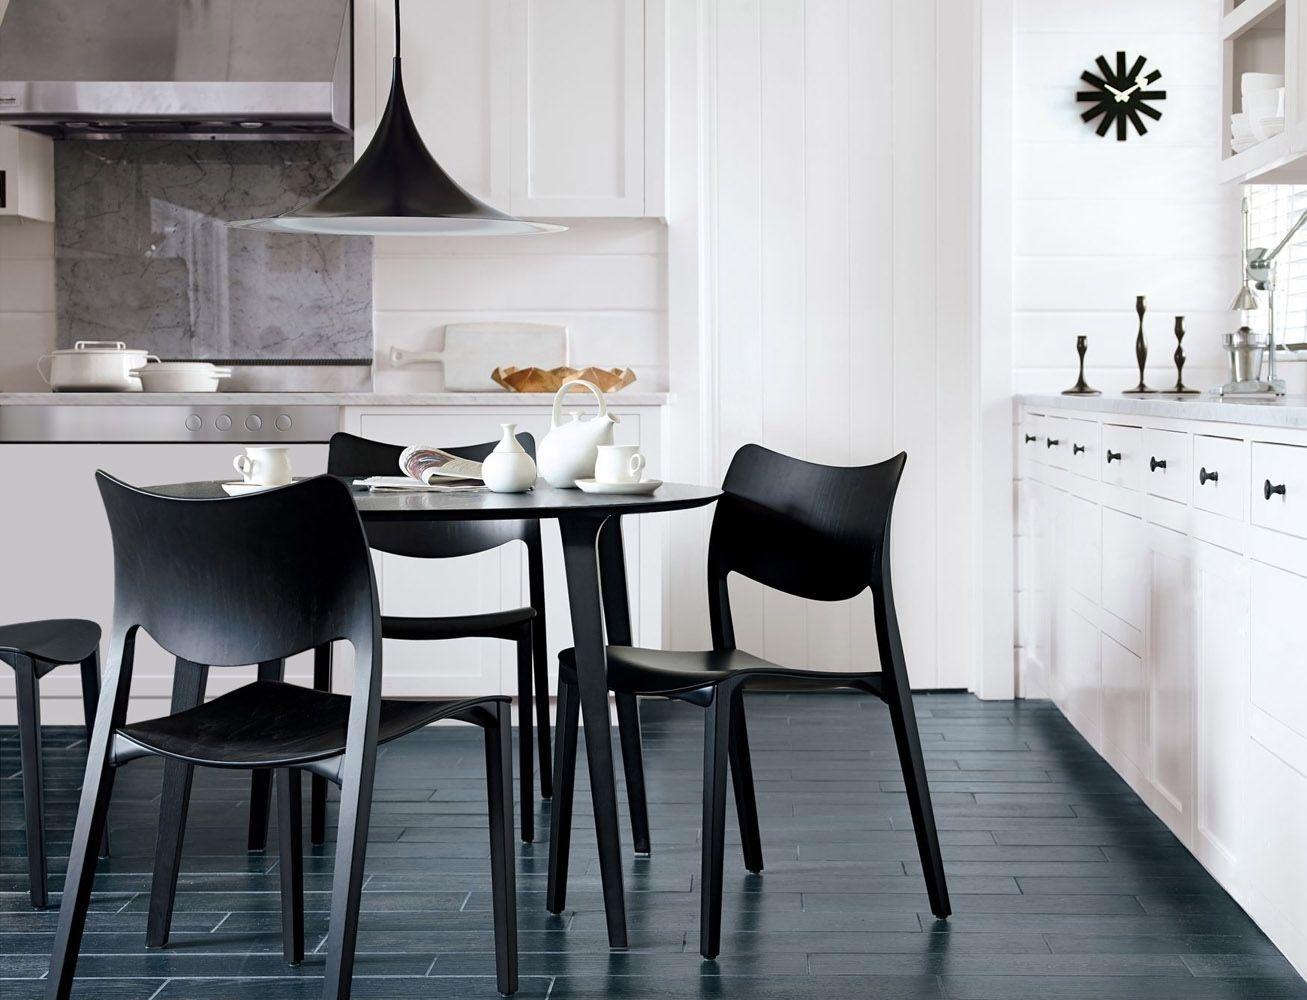 STUA Laclasica Chair